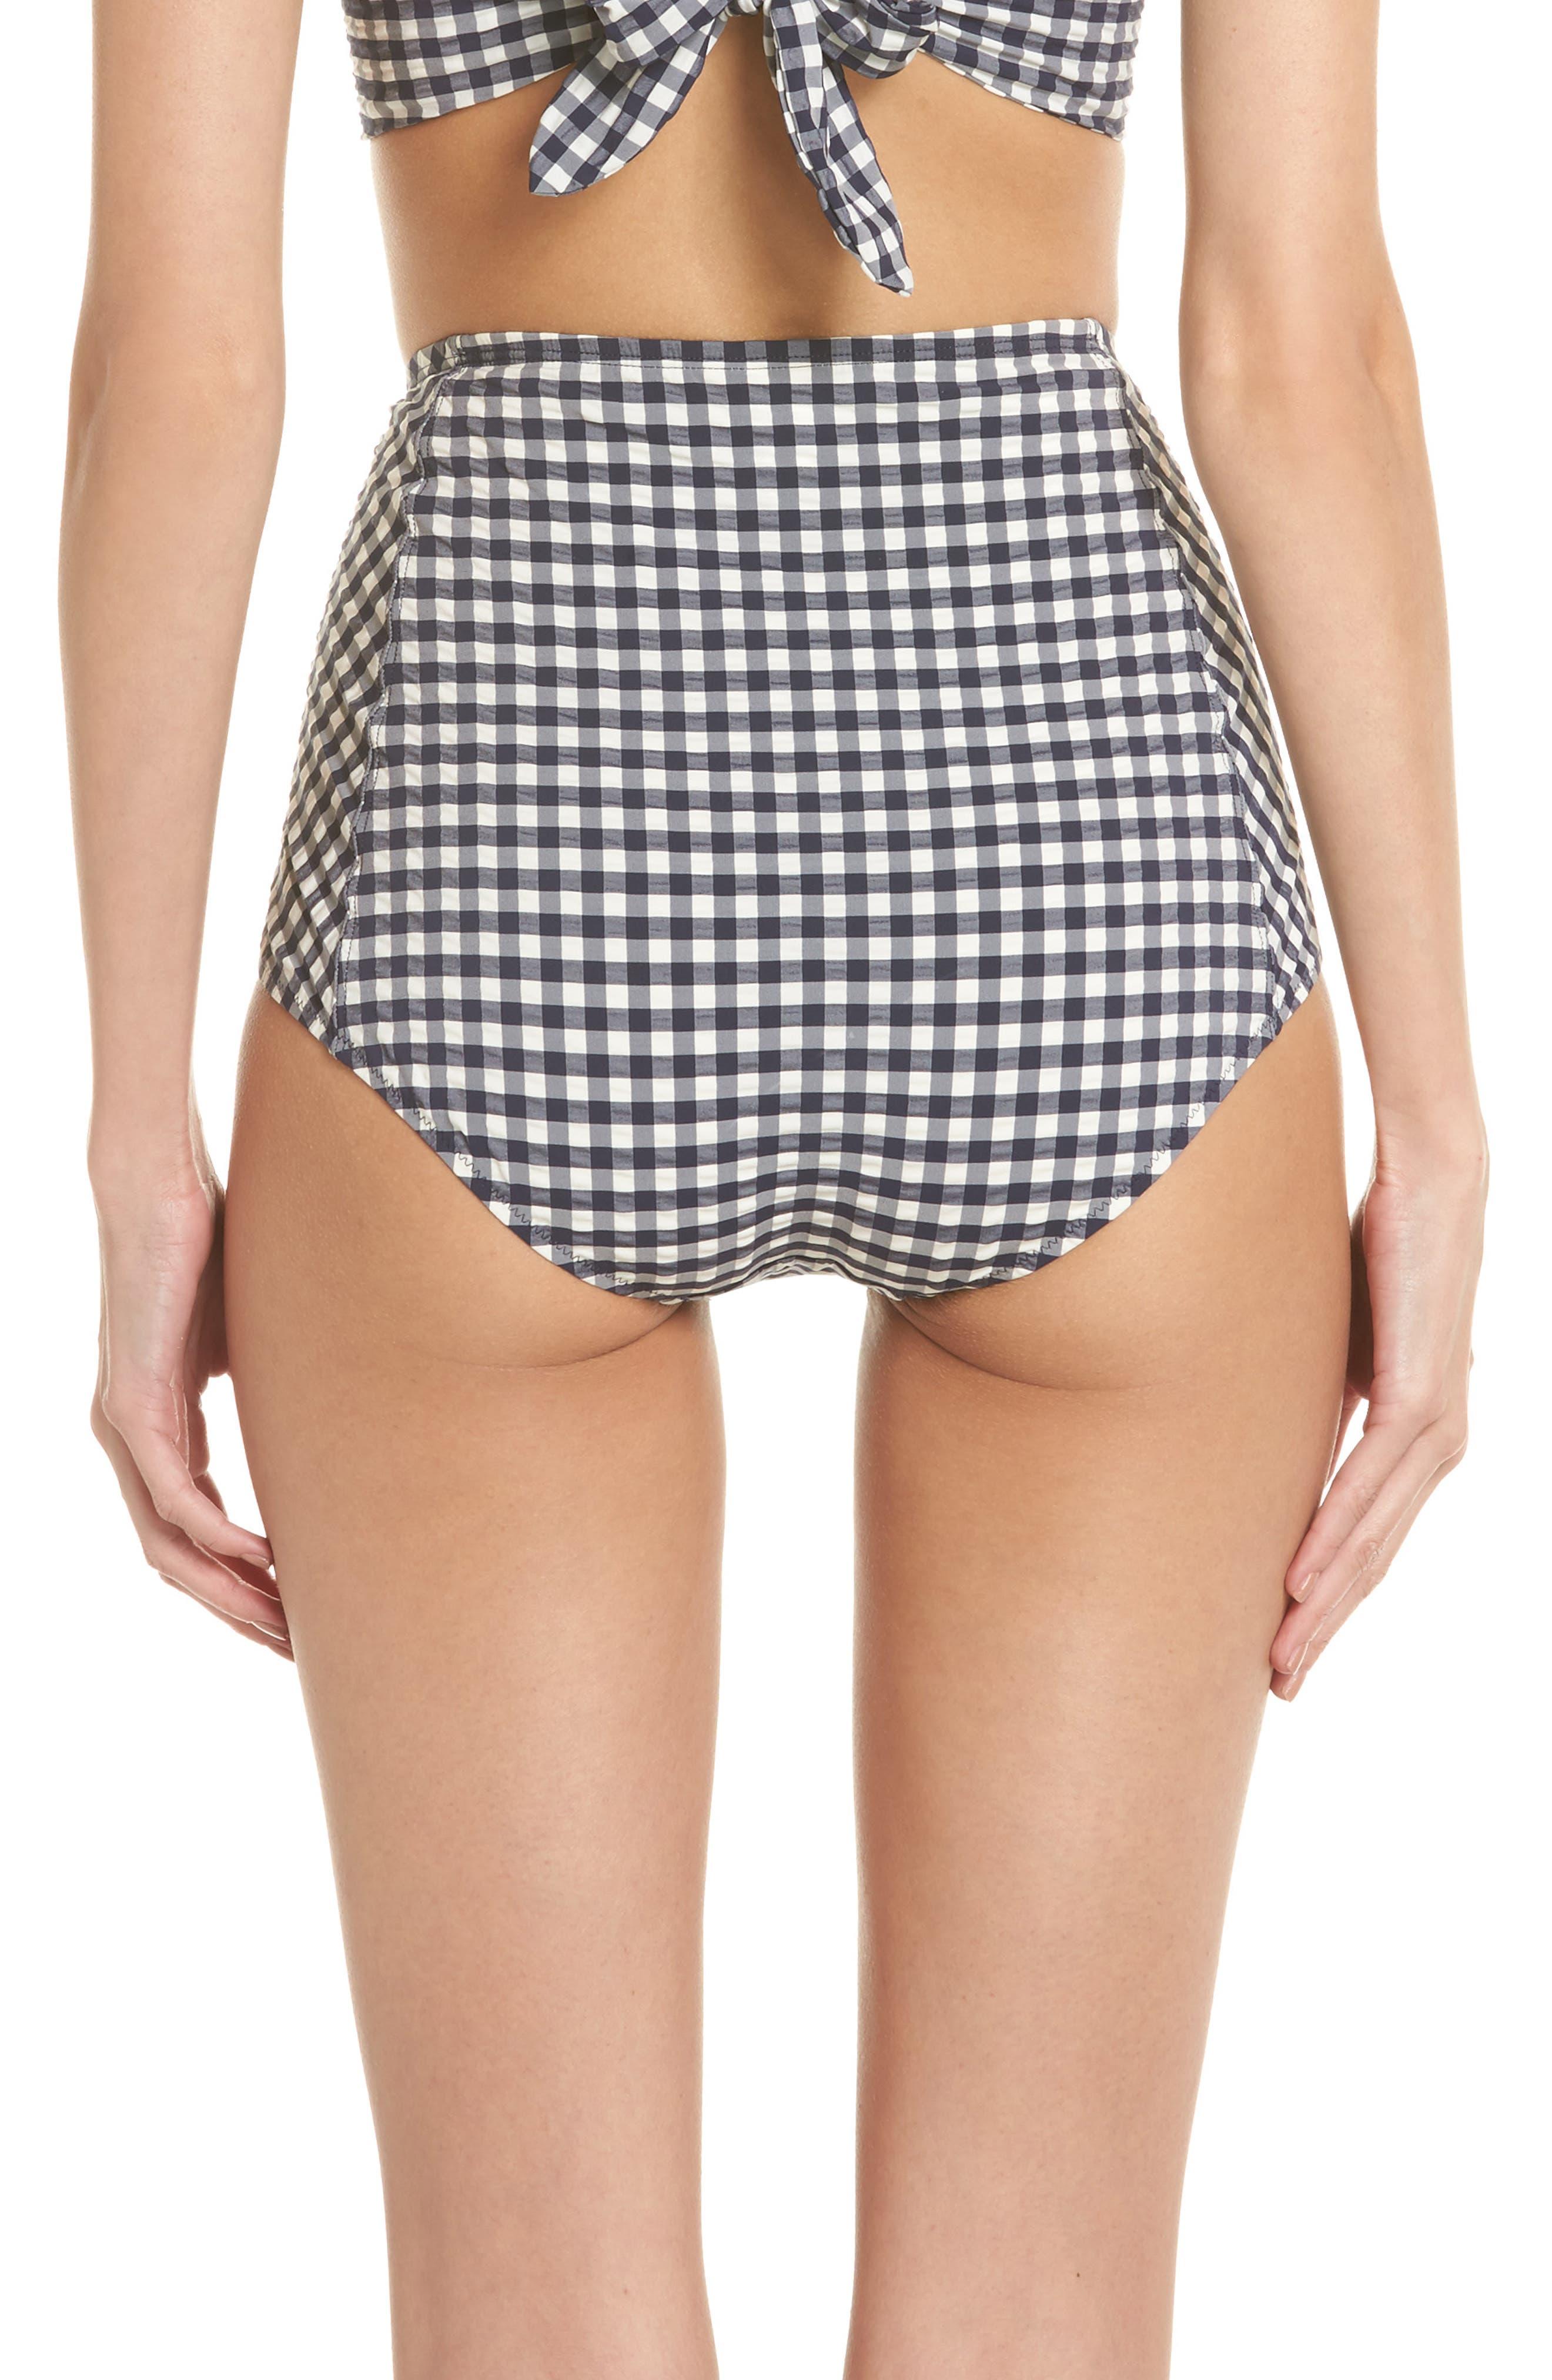 Gingham High Waist Bikini Bottoms,                             Alternate thumbnail 2, color,                             Tory Navy / White